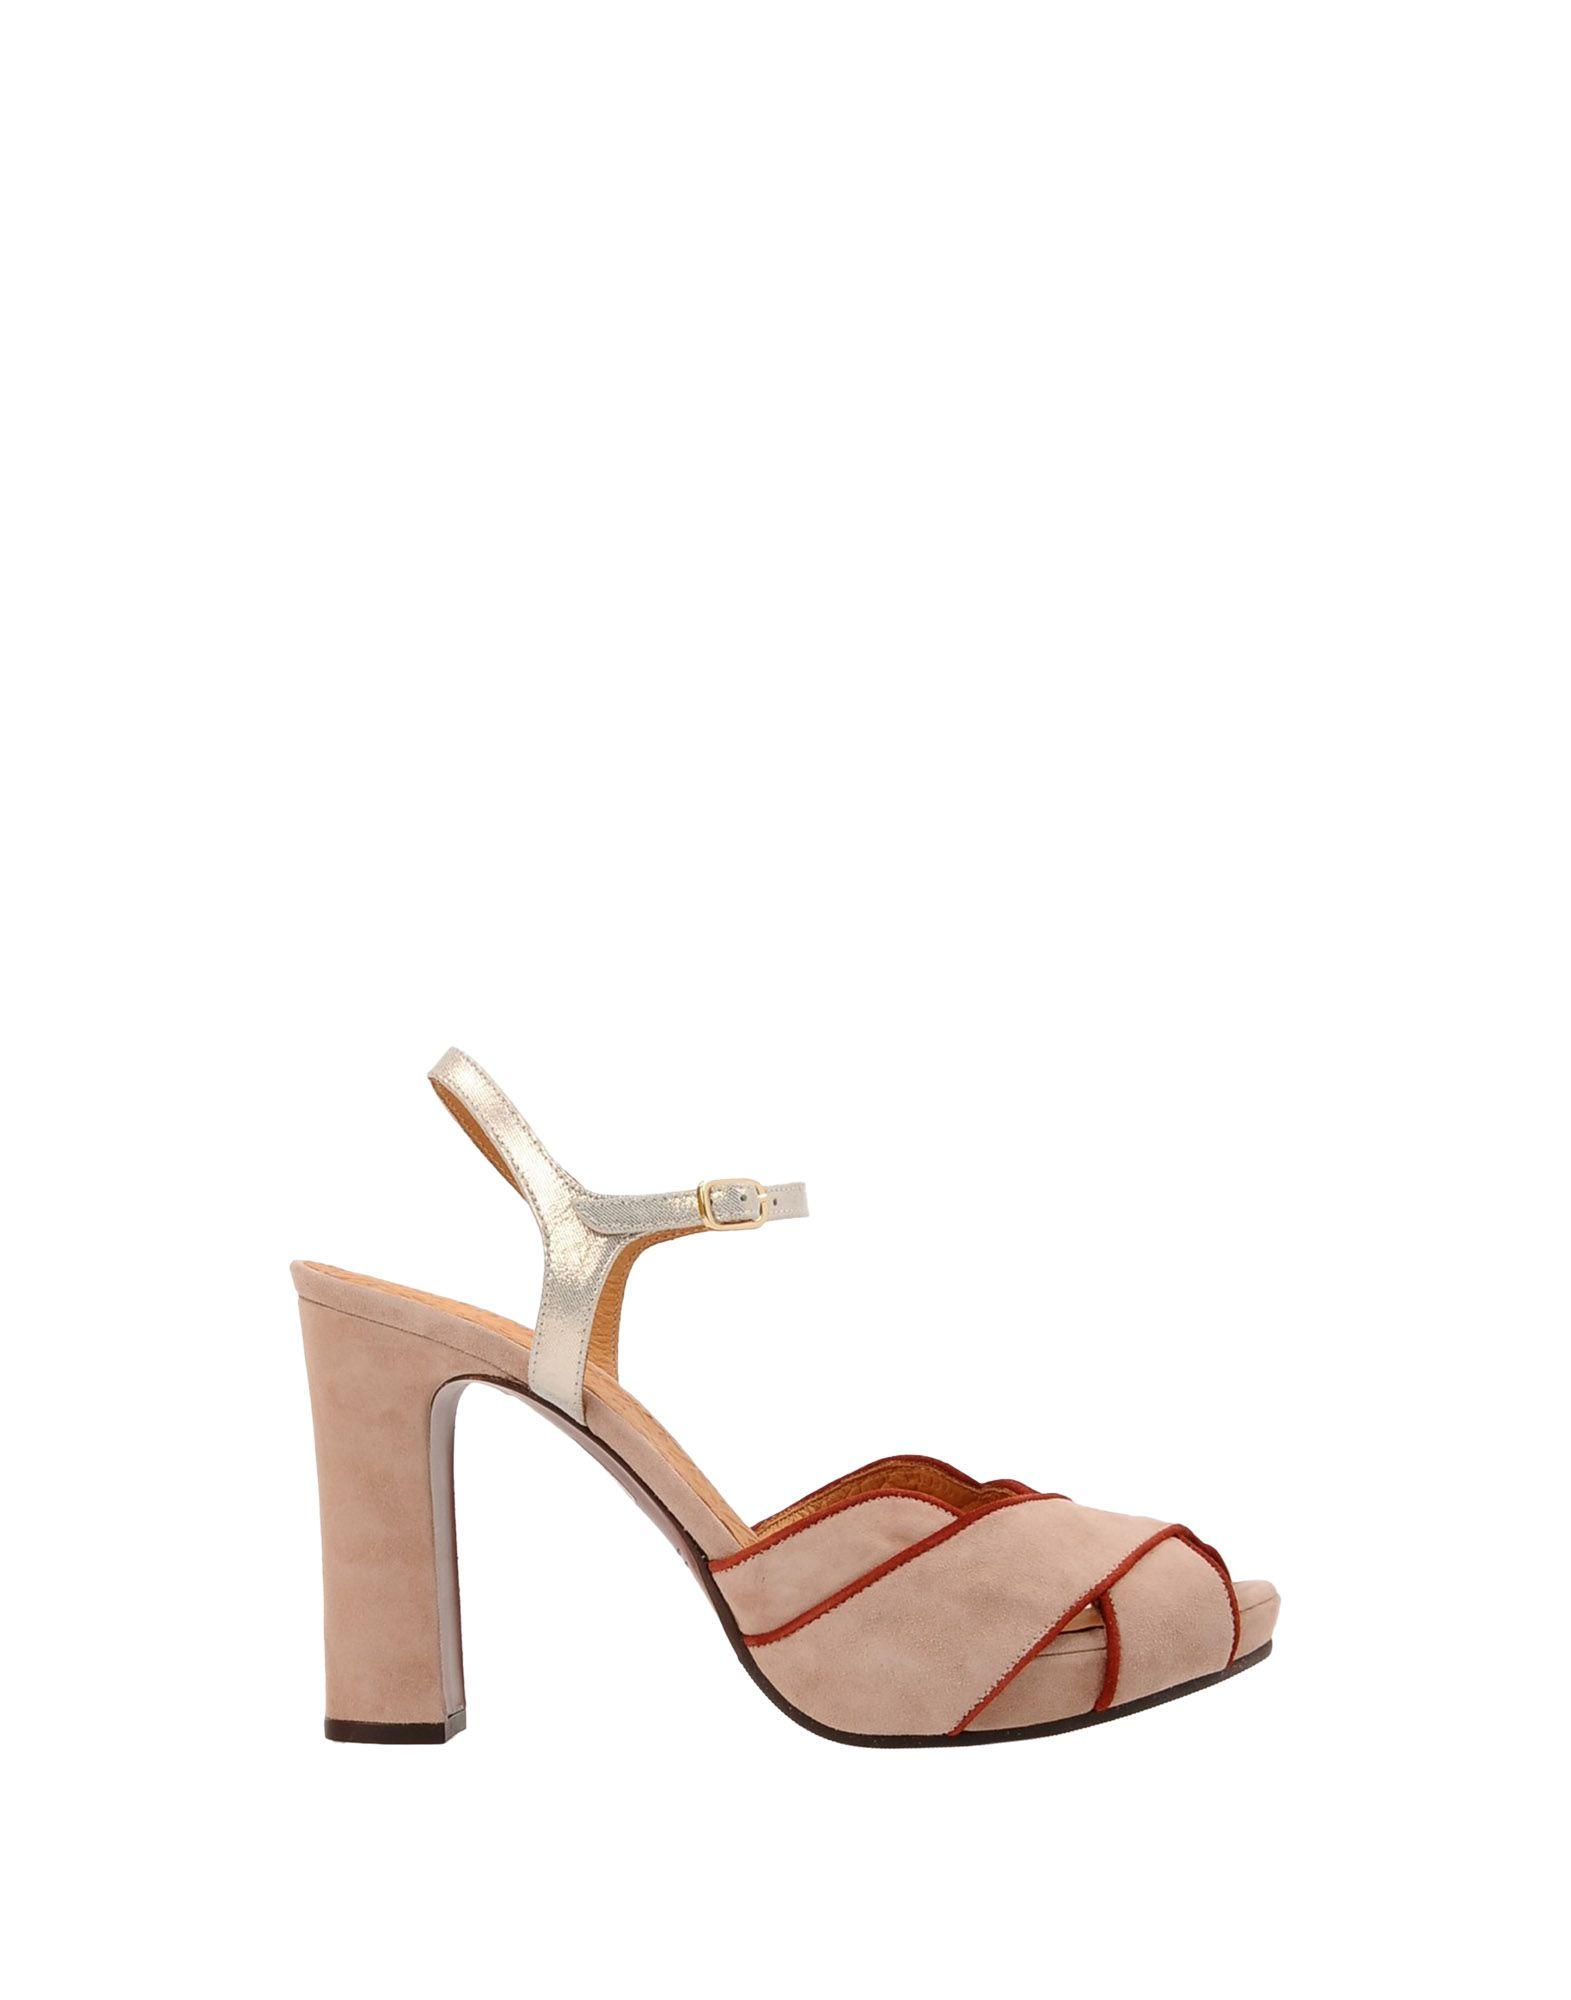 Chie Mihara 11430048BQGut Cassy 11430048BQGut Mihara aussehende strapazierfähige Schuhe b1072c